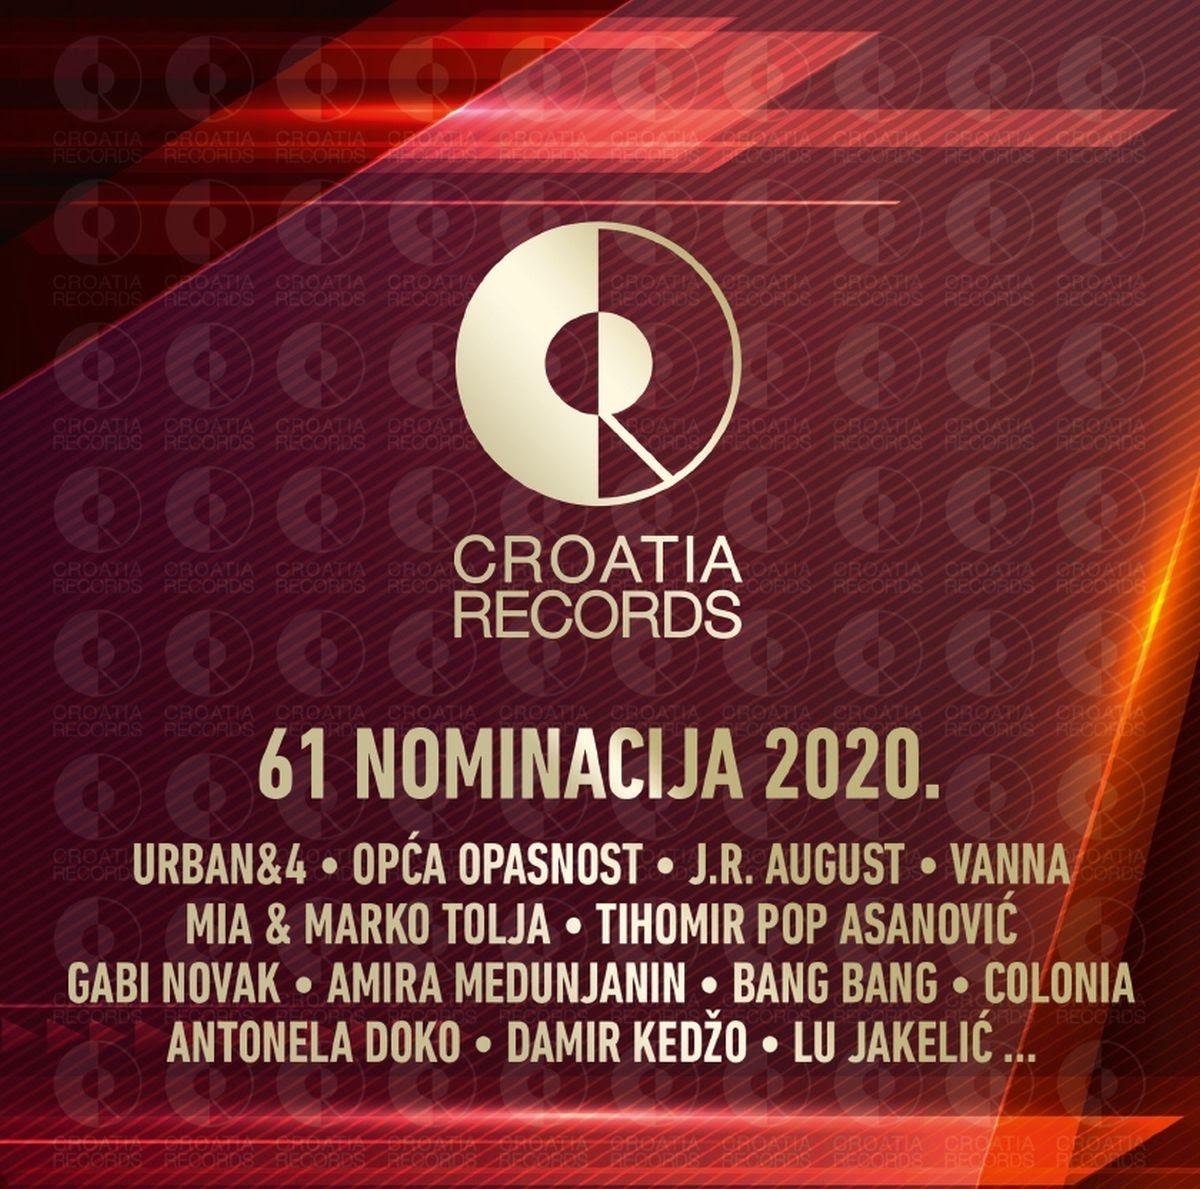 Dvostruko CD izdanje 61 nominacija 2020. donosi sve glazbene uspješnice nominirane za nagradu Porin